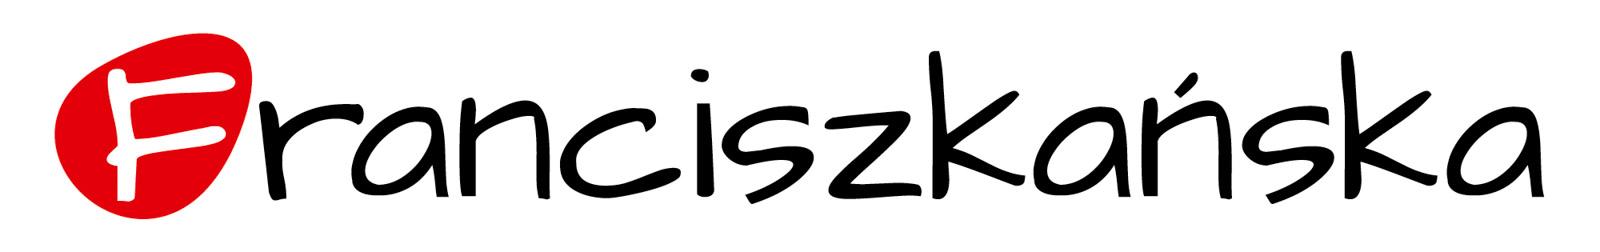 Franciszkańska-logotyp